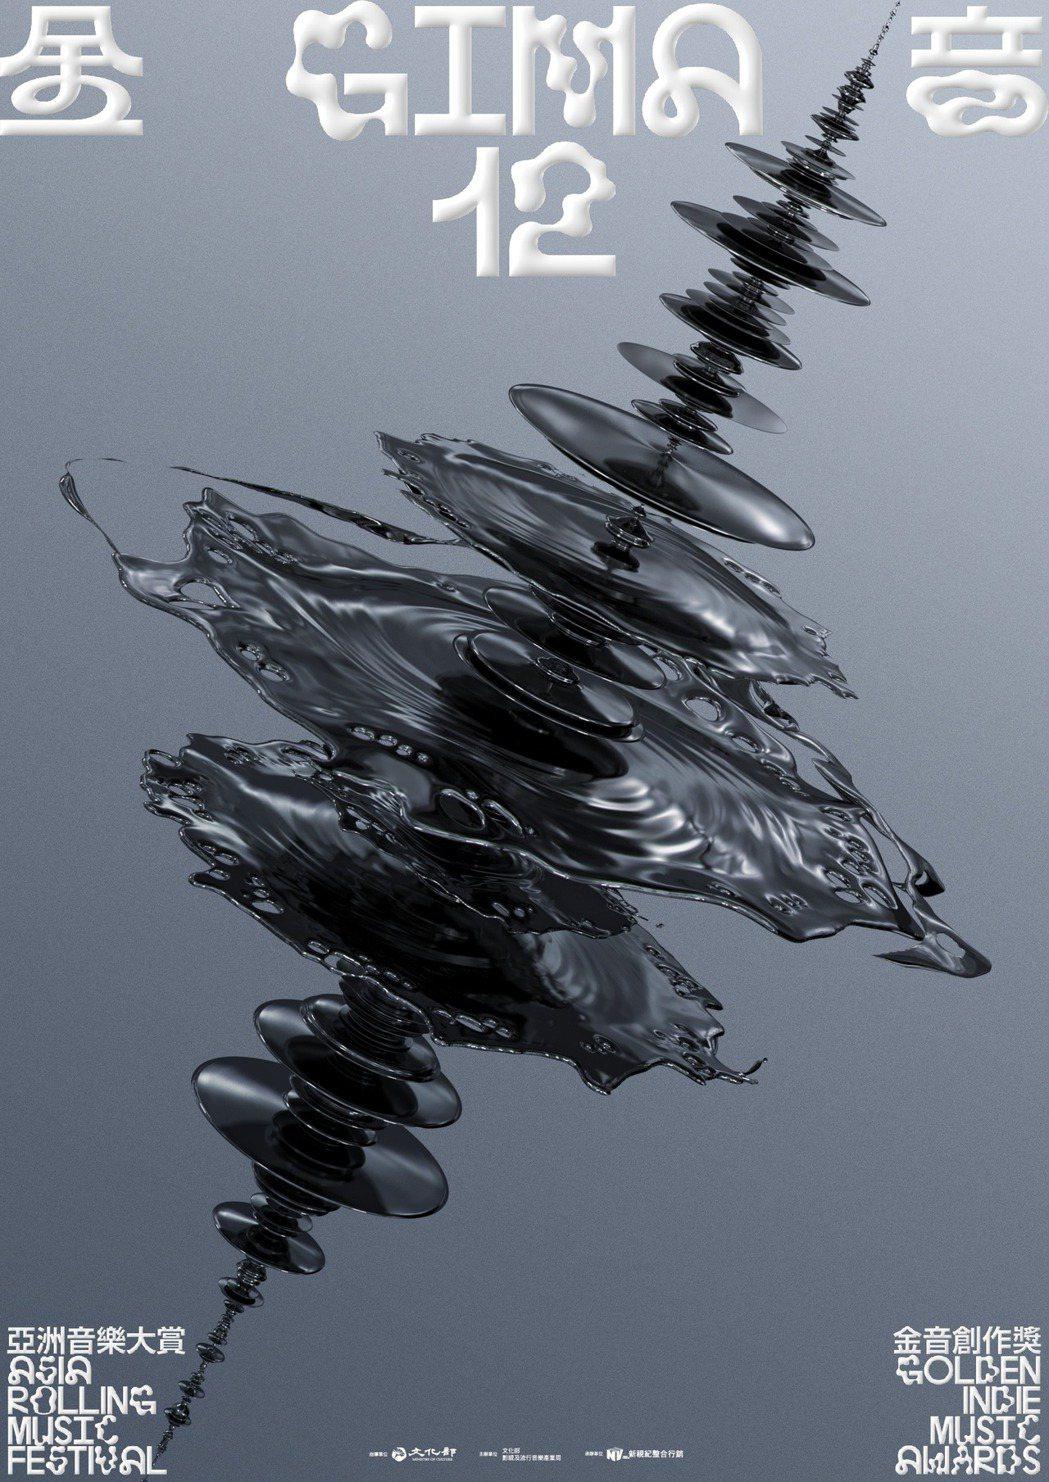 第12屆金音創作獎暨亞洲音樂大賞主視覺與形象影片曝光。圖/新視紀整合行銷提供